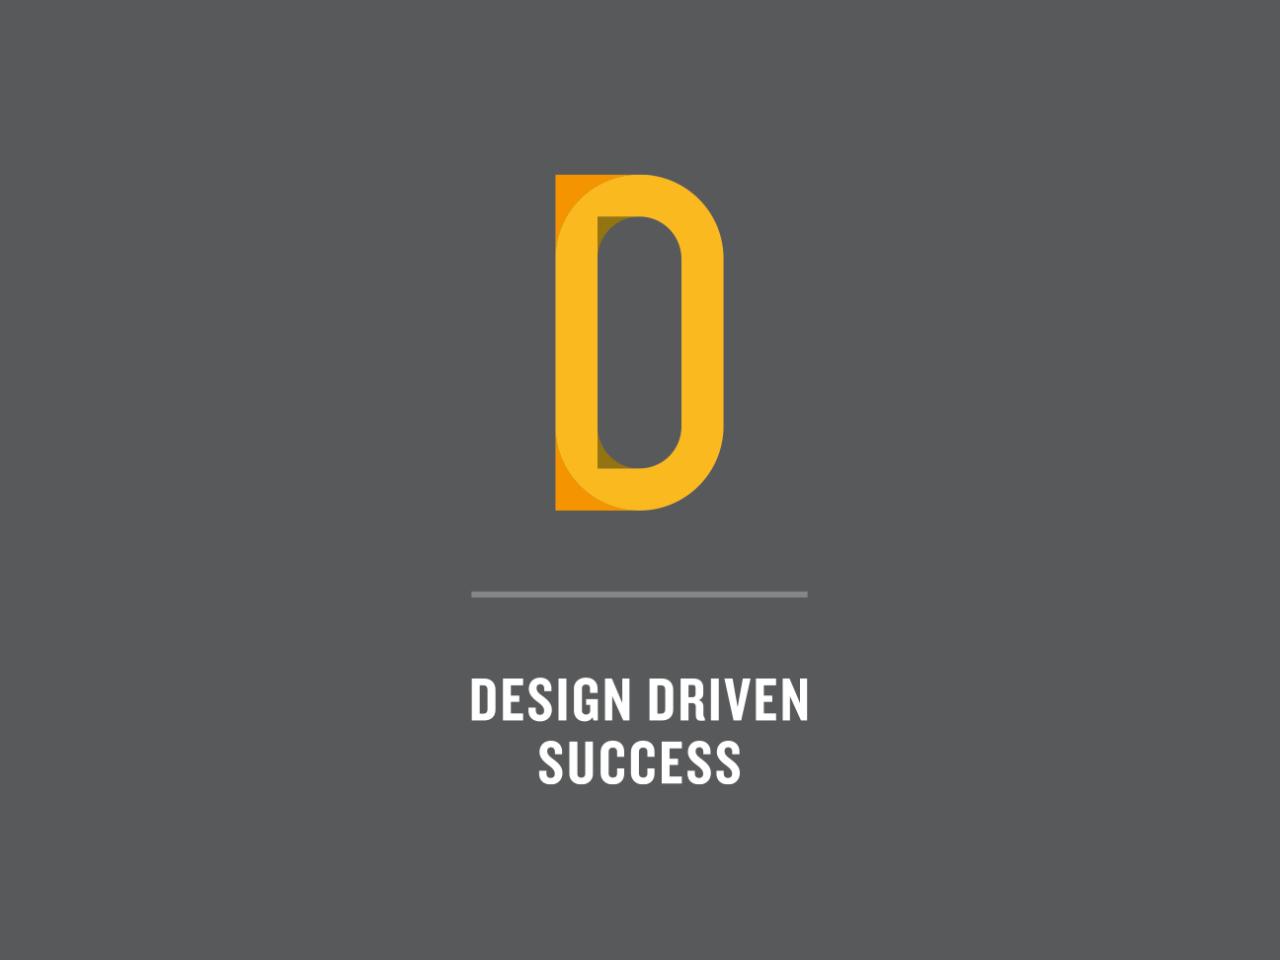 Oslo D logo og slagord på mørk bakgrunn